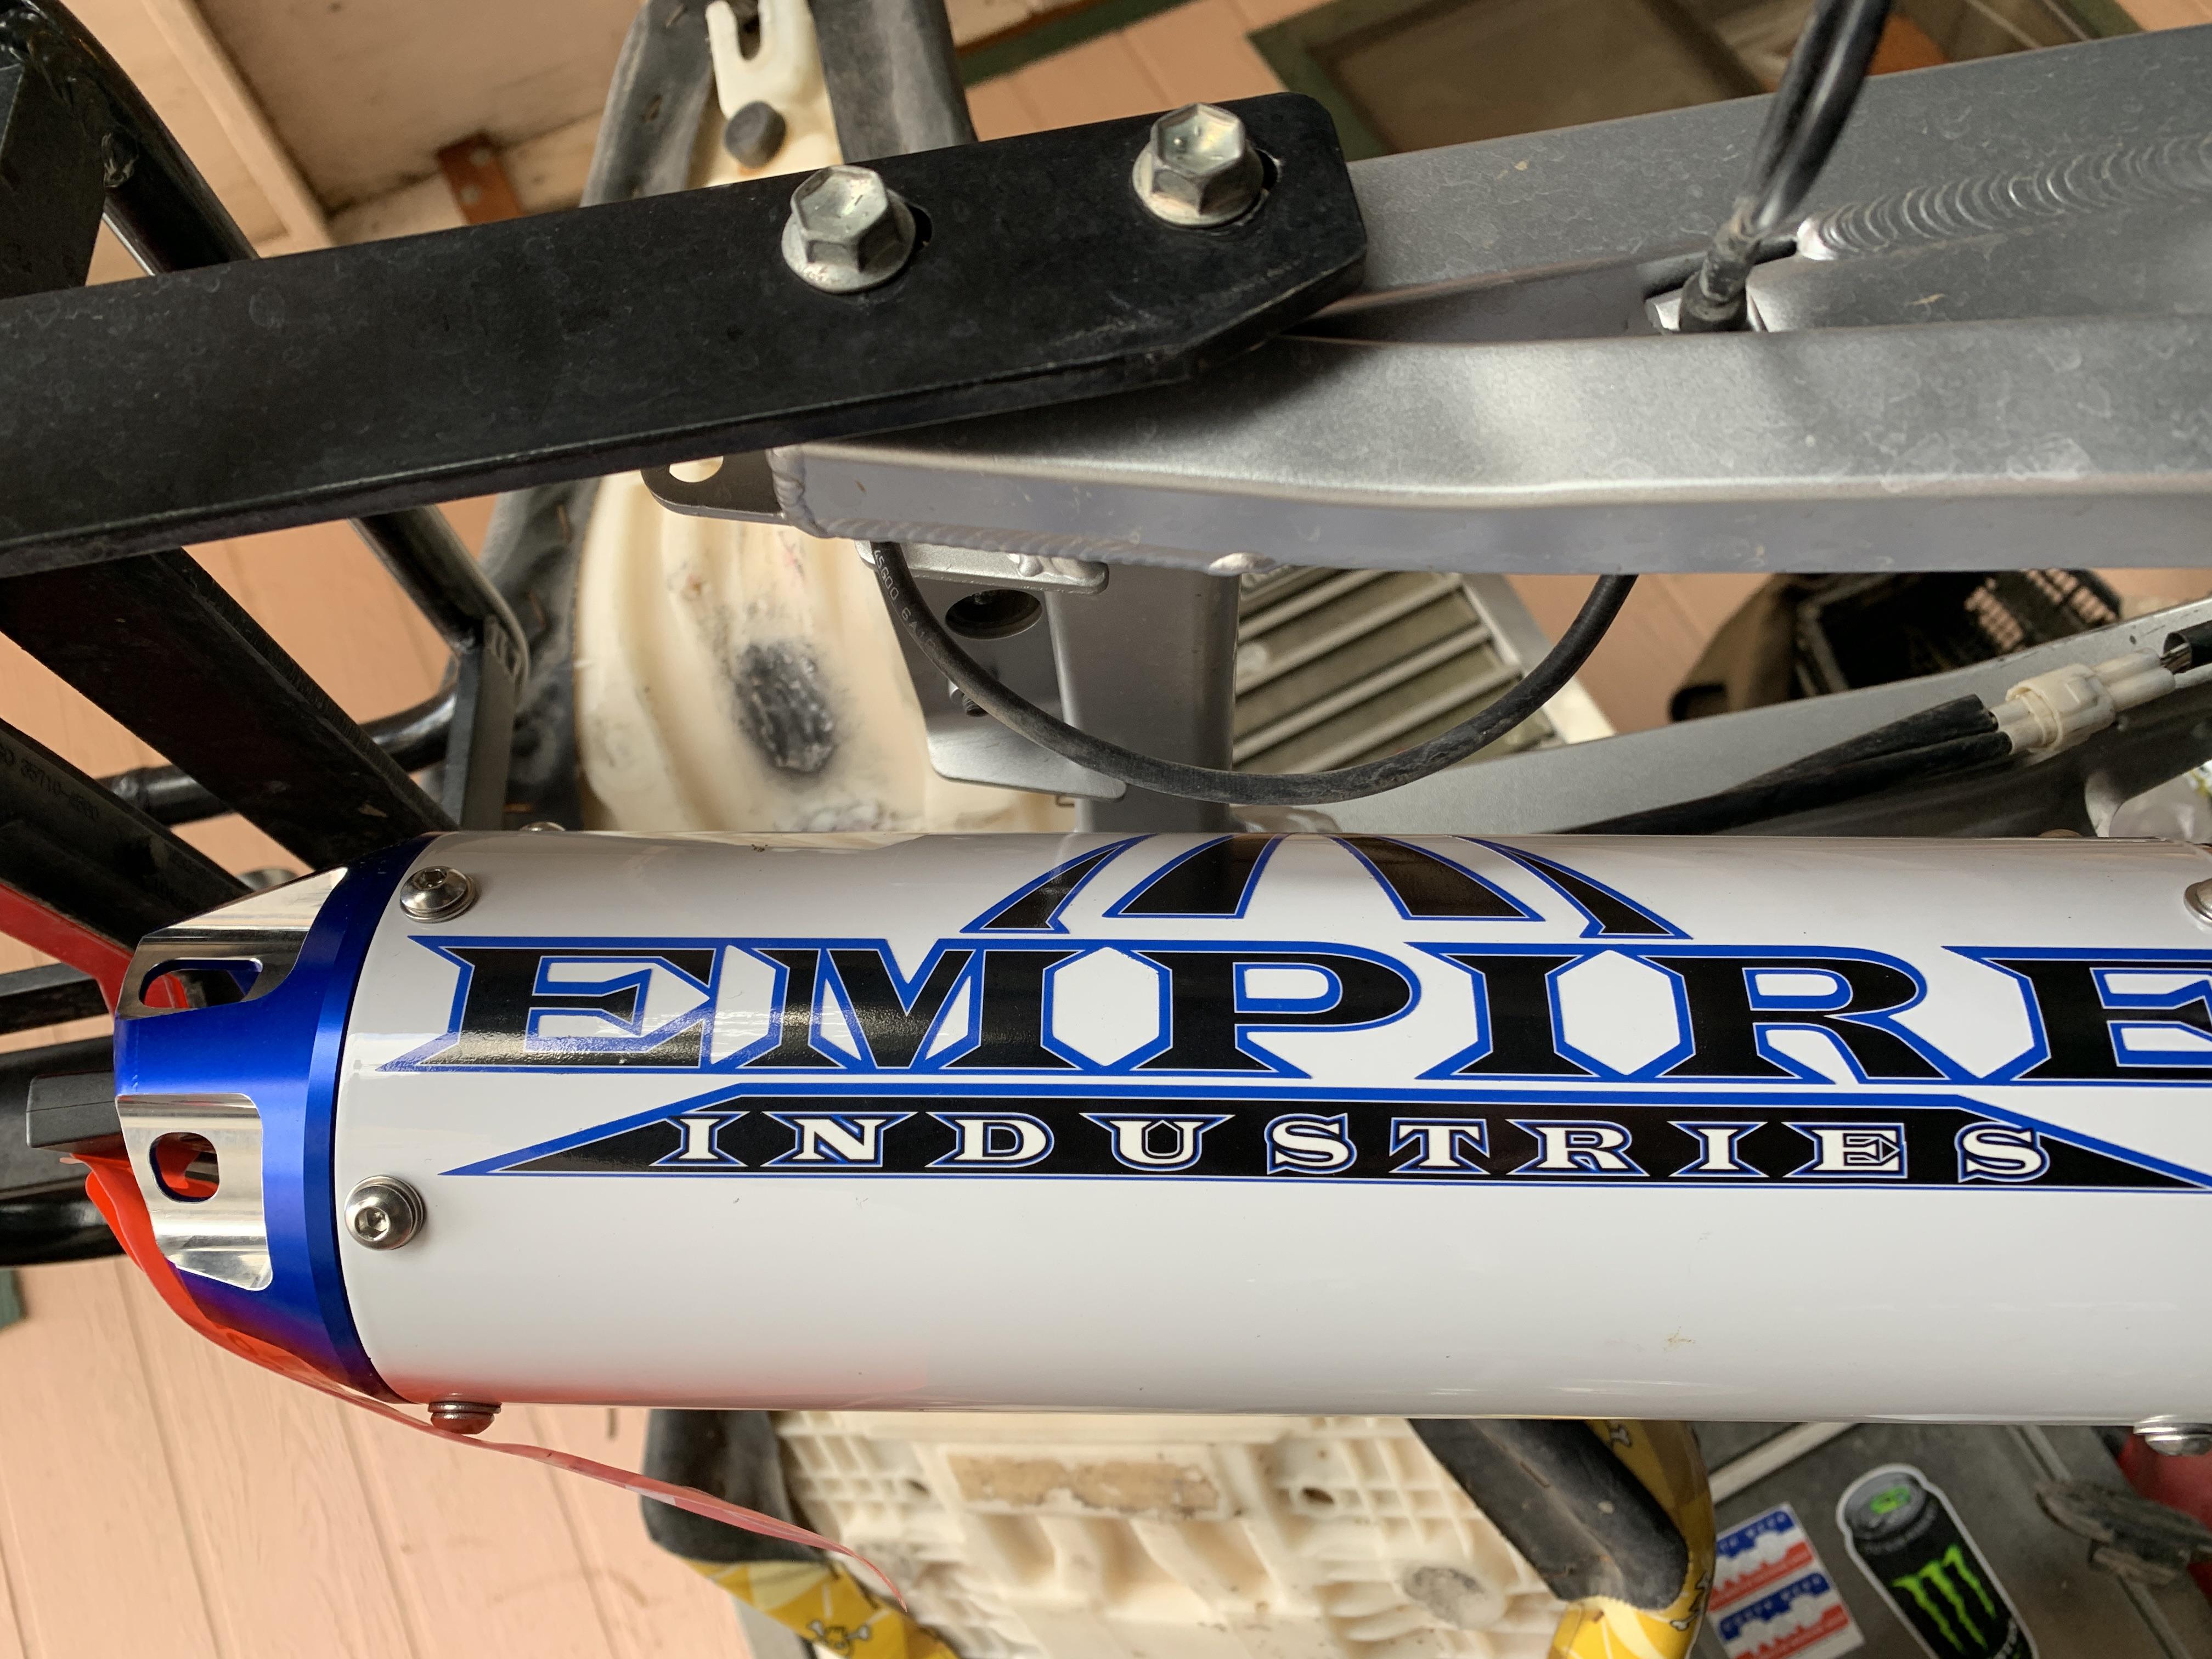 Empire Exh-image_1544216903408.jpg